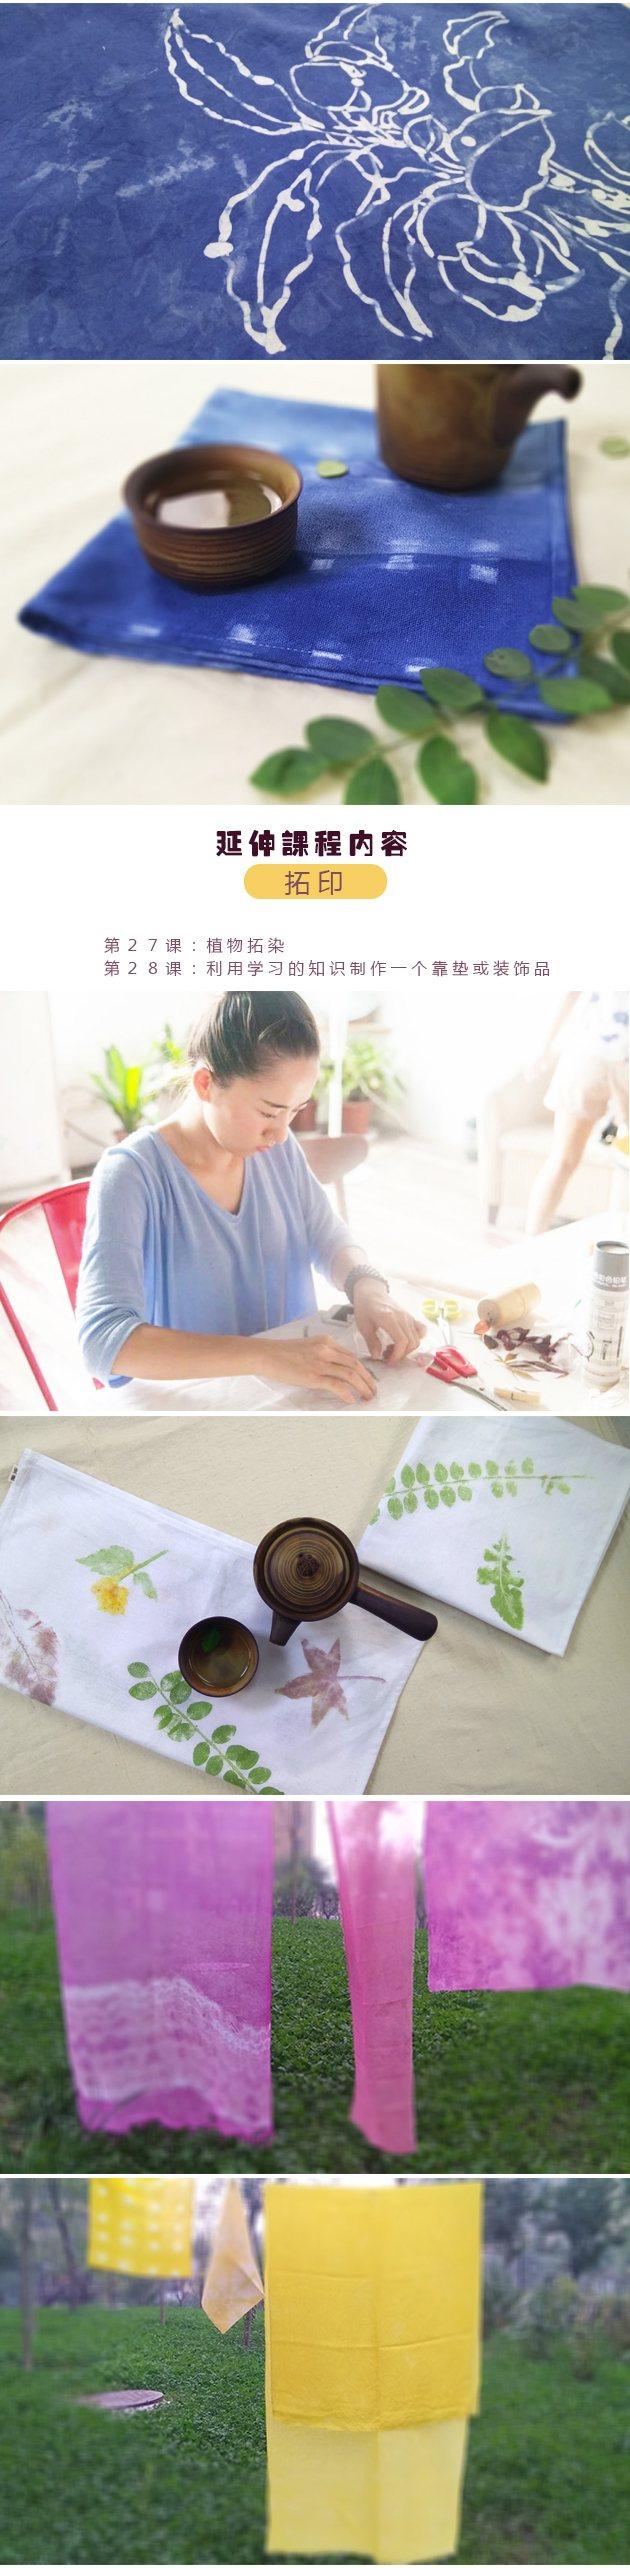 天然植物染布精品课